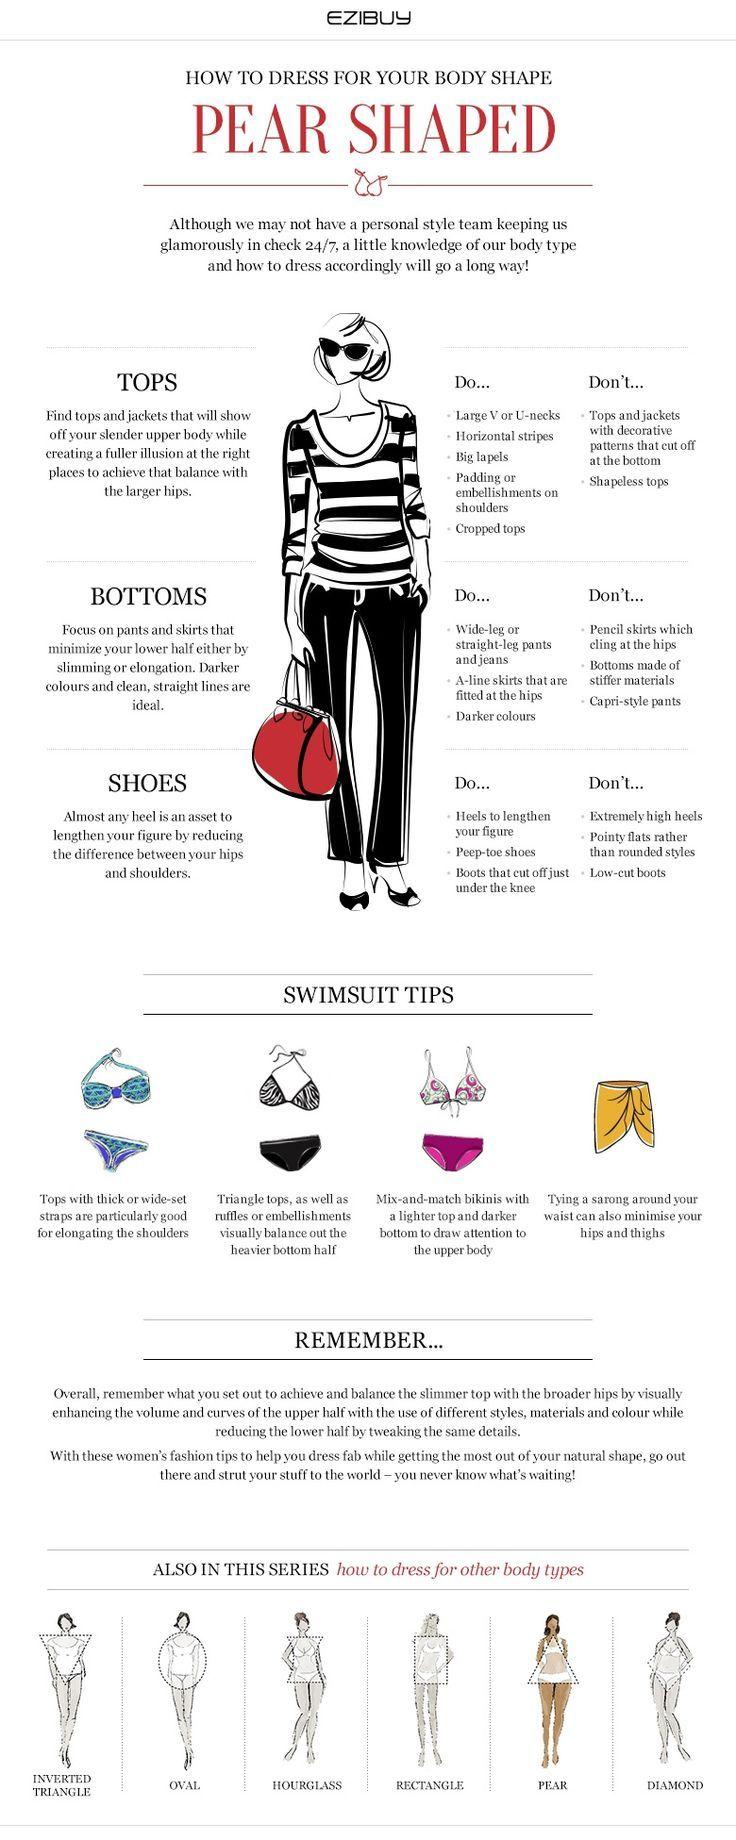 Birnenform – So kleiden Sie sich für Ihre Körperform Schmale Taille, kleinere Büste, Kapelle …